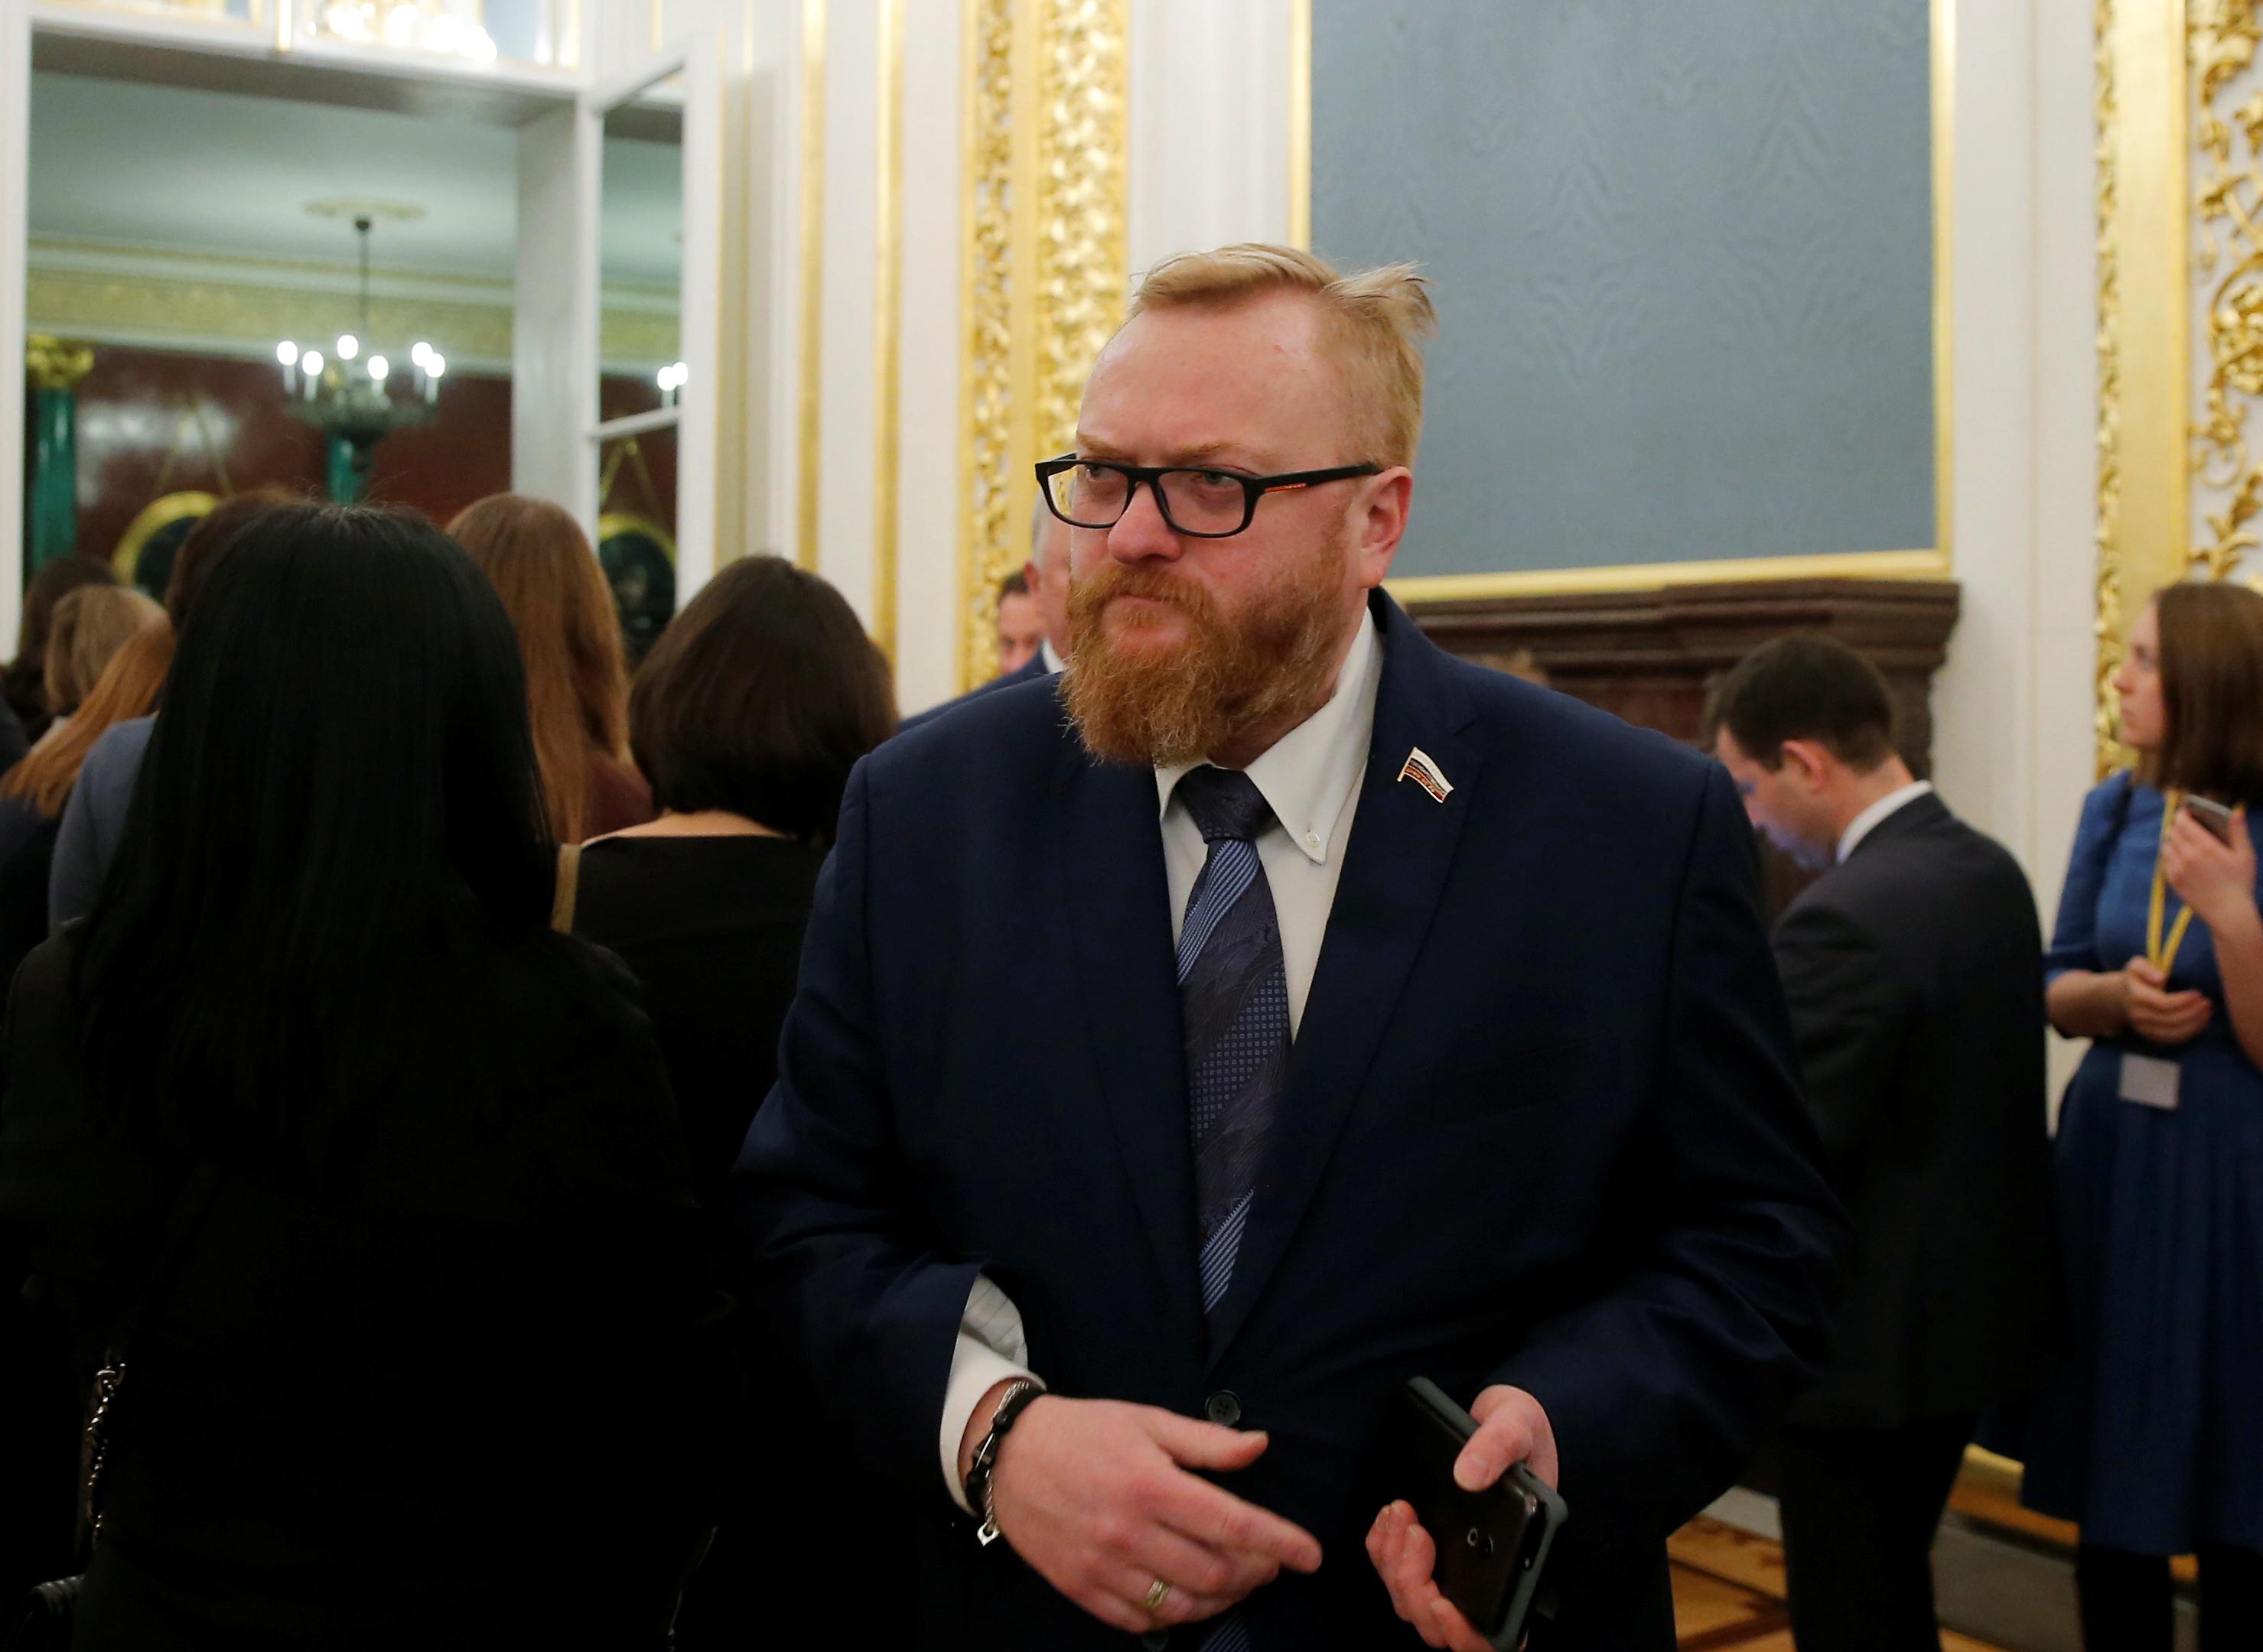 Посольство Азербайджана выразило протест МИД РФ из-за поездки депутата ГД Милонова в Карабах